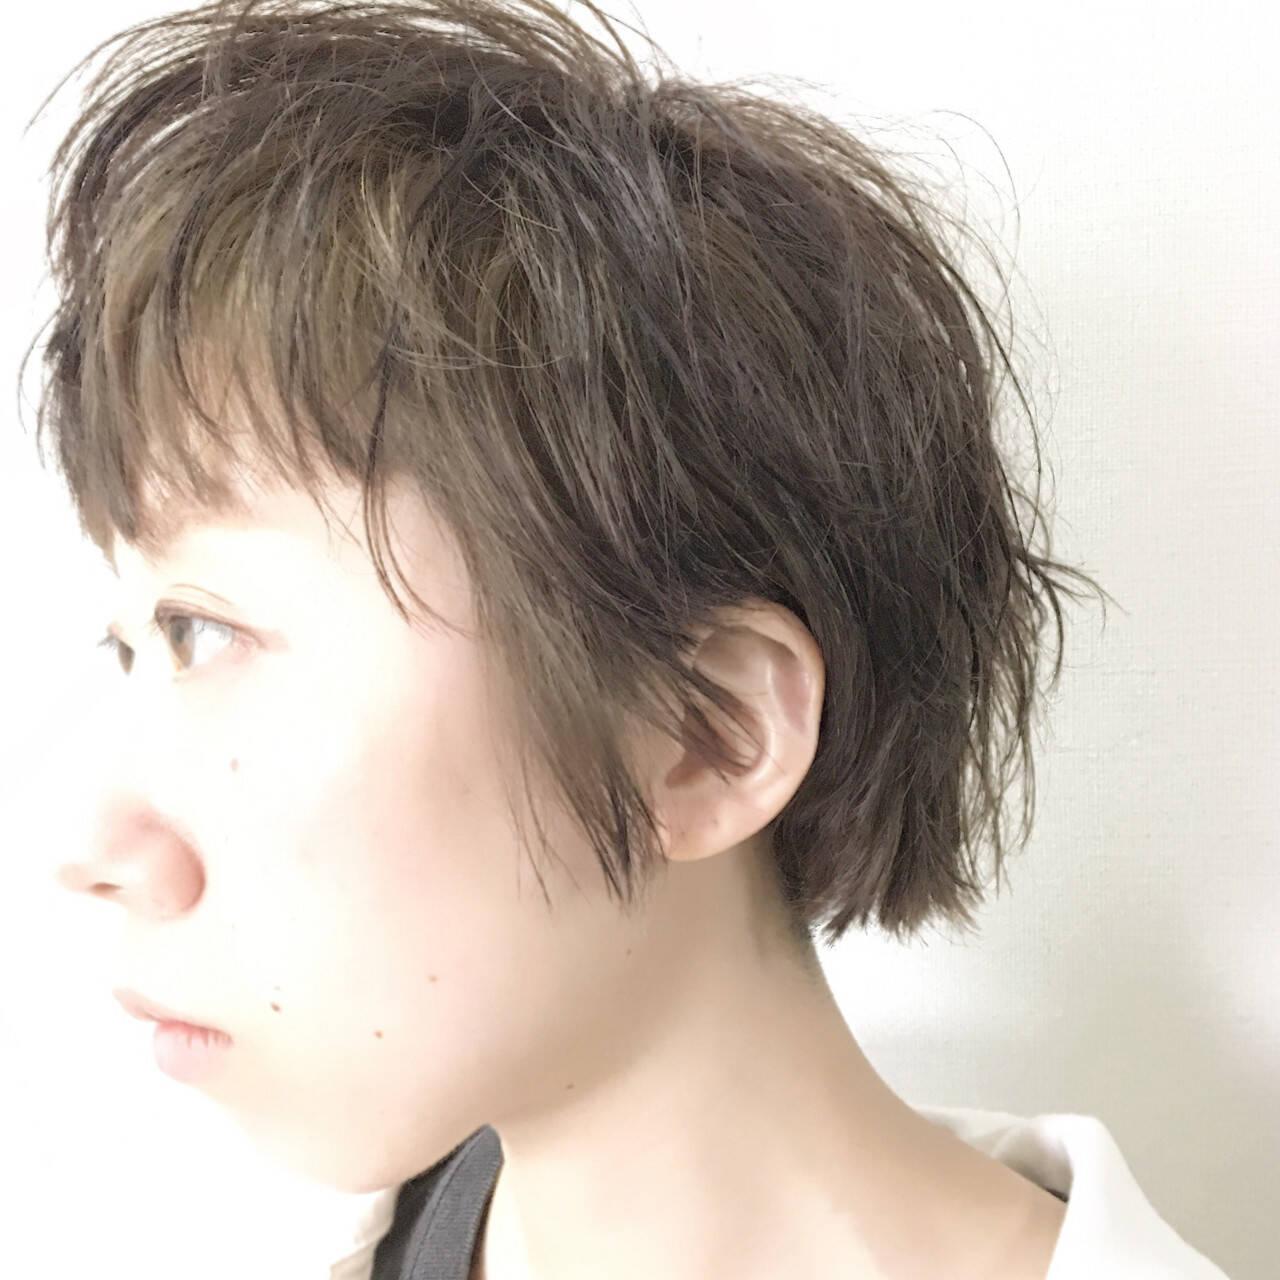 夏 パーマ ショート アッシュヘアスタイルや髪型の写真・画像